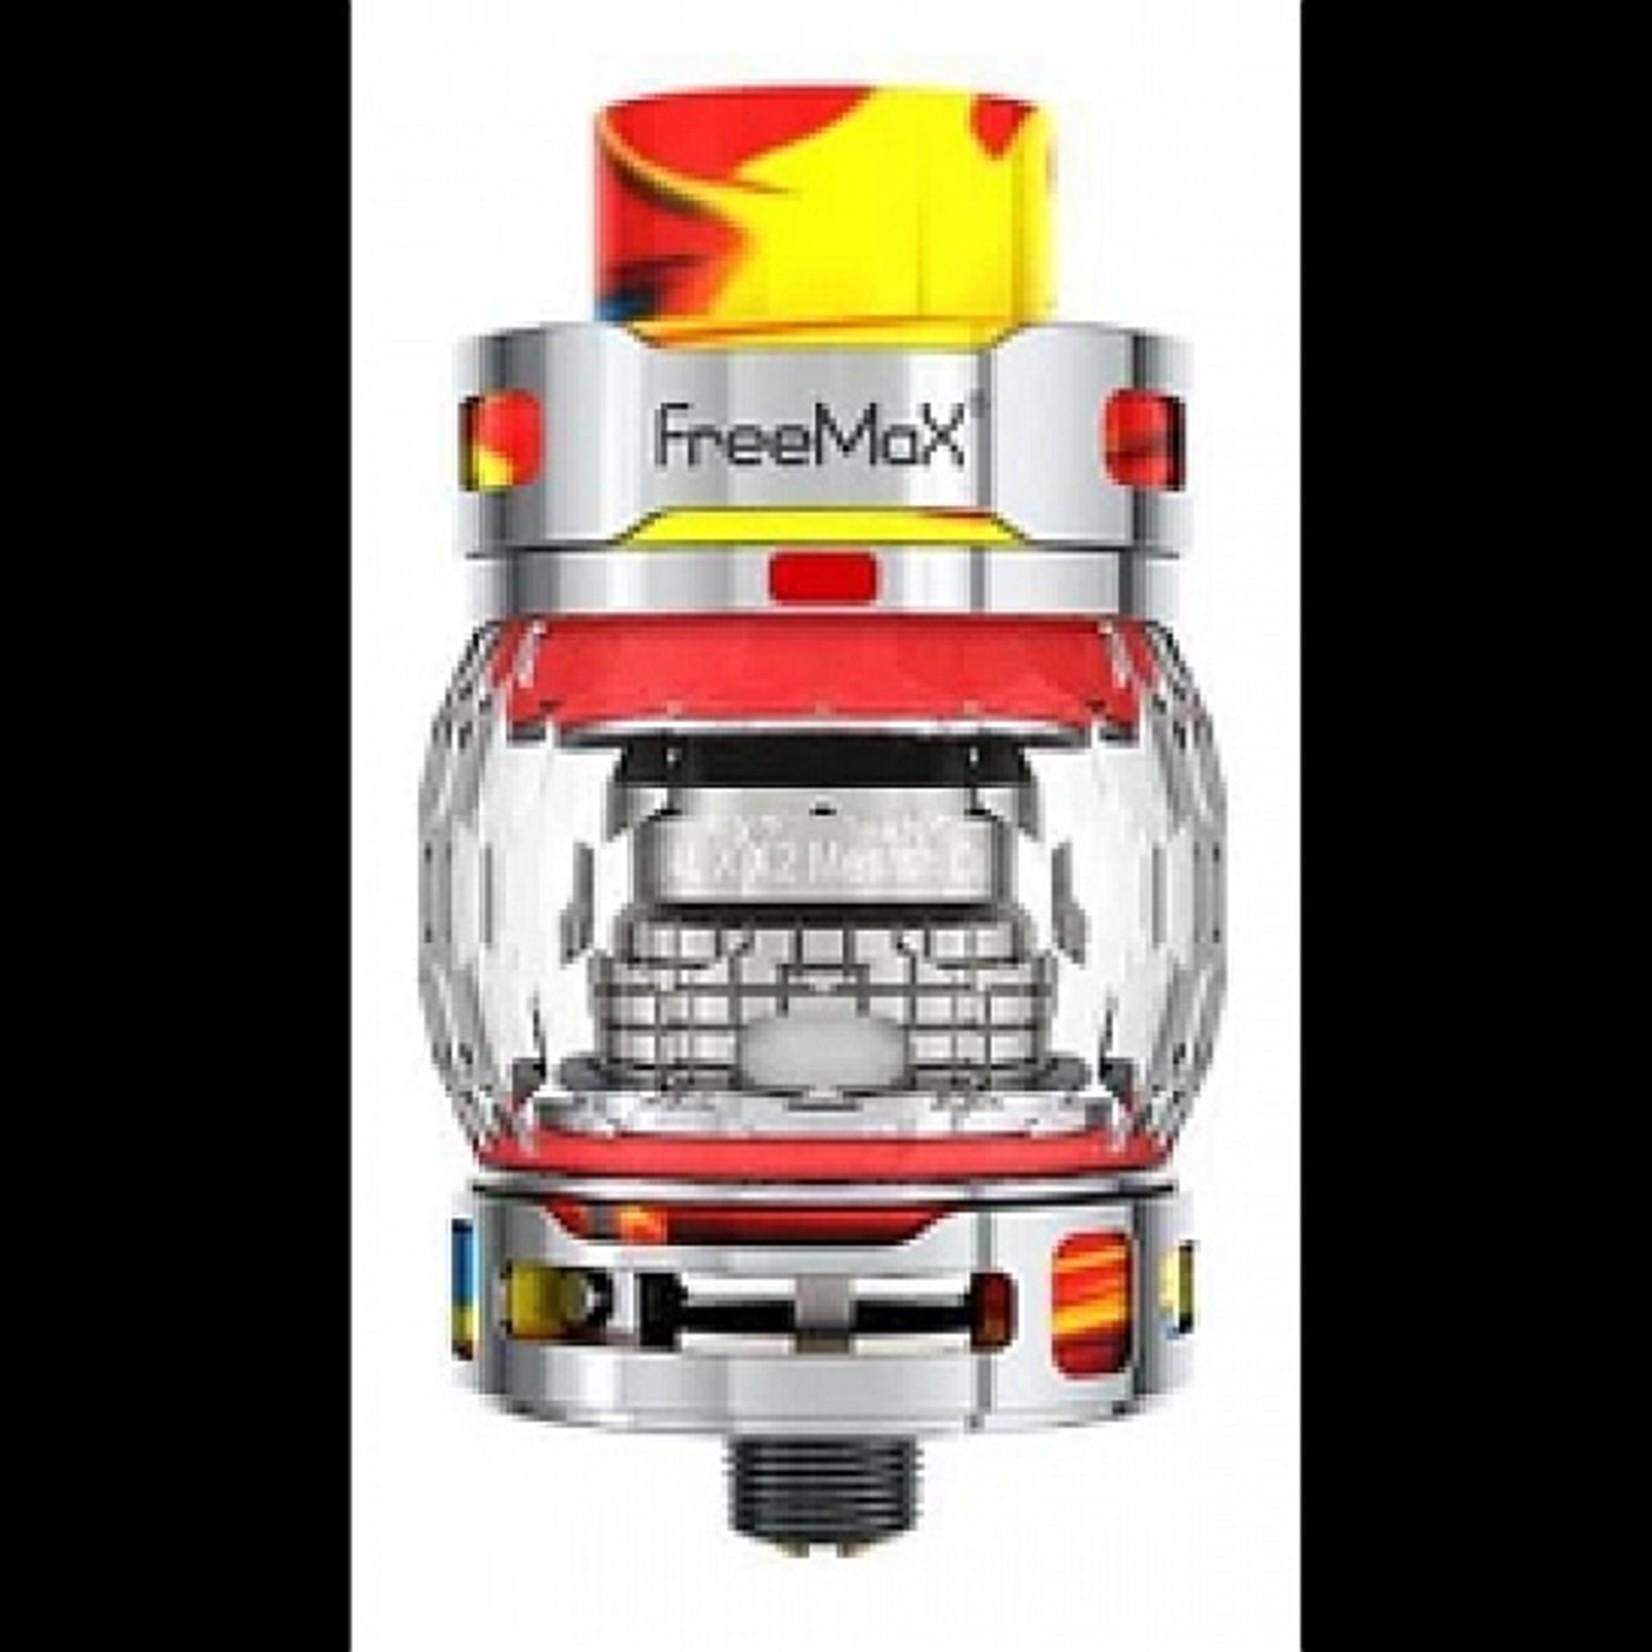 Freemax MaxLuke 5ml Tank